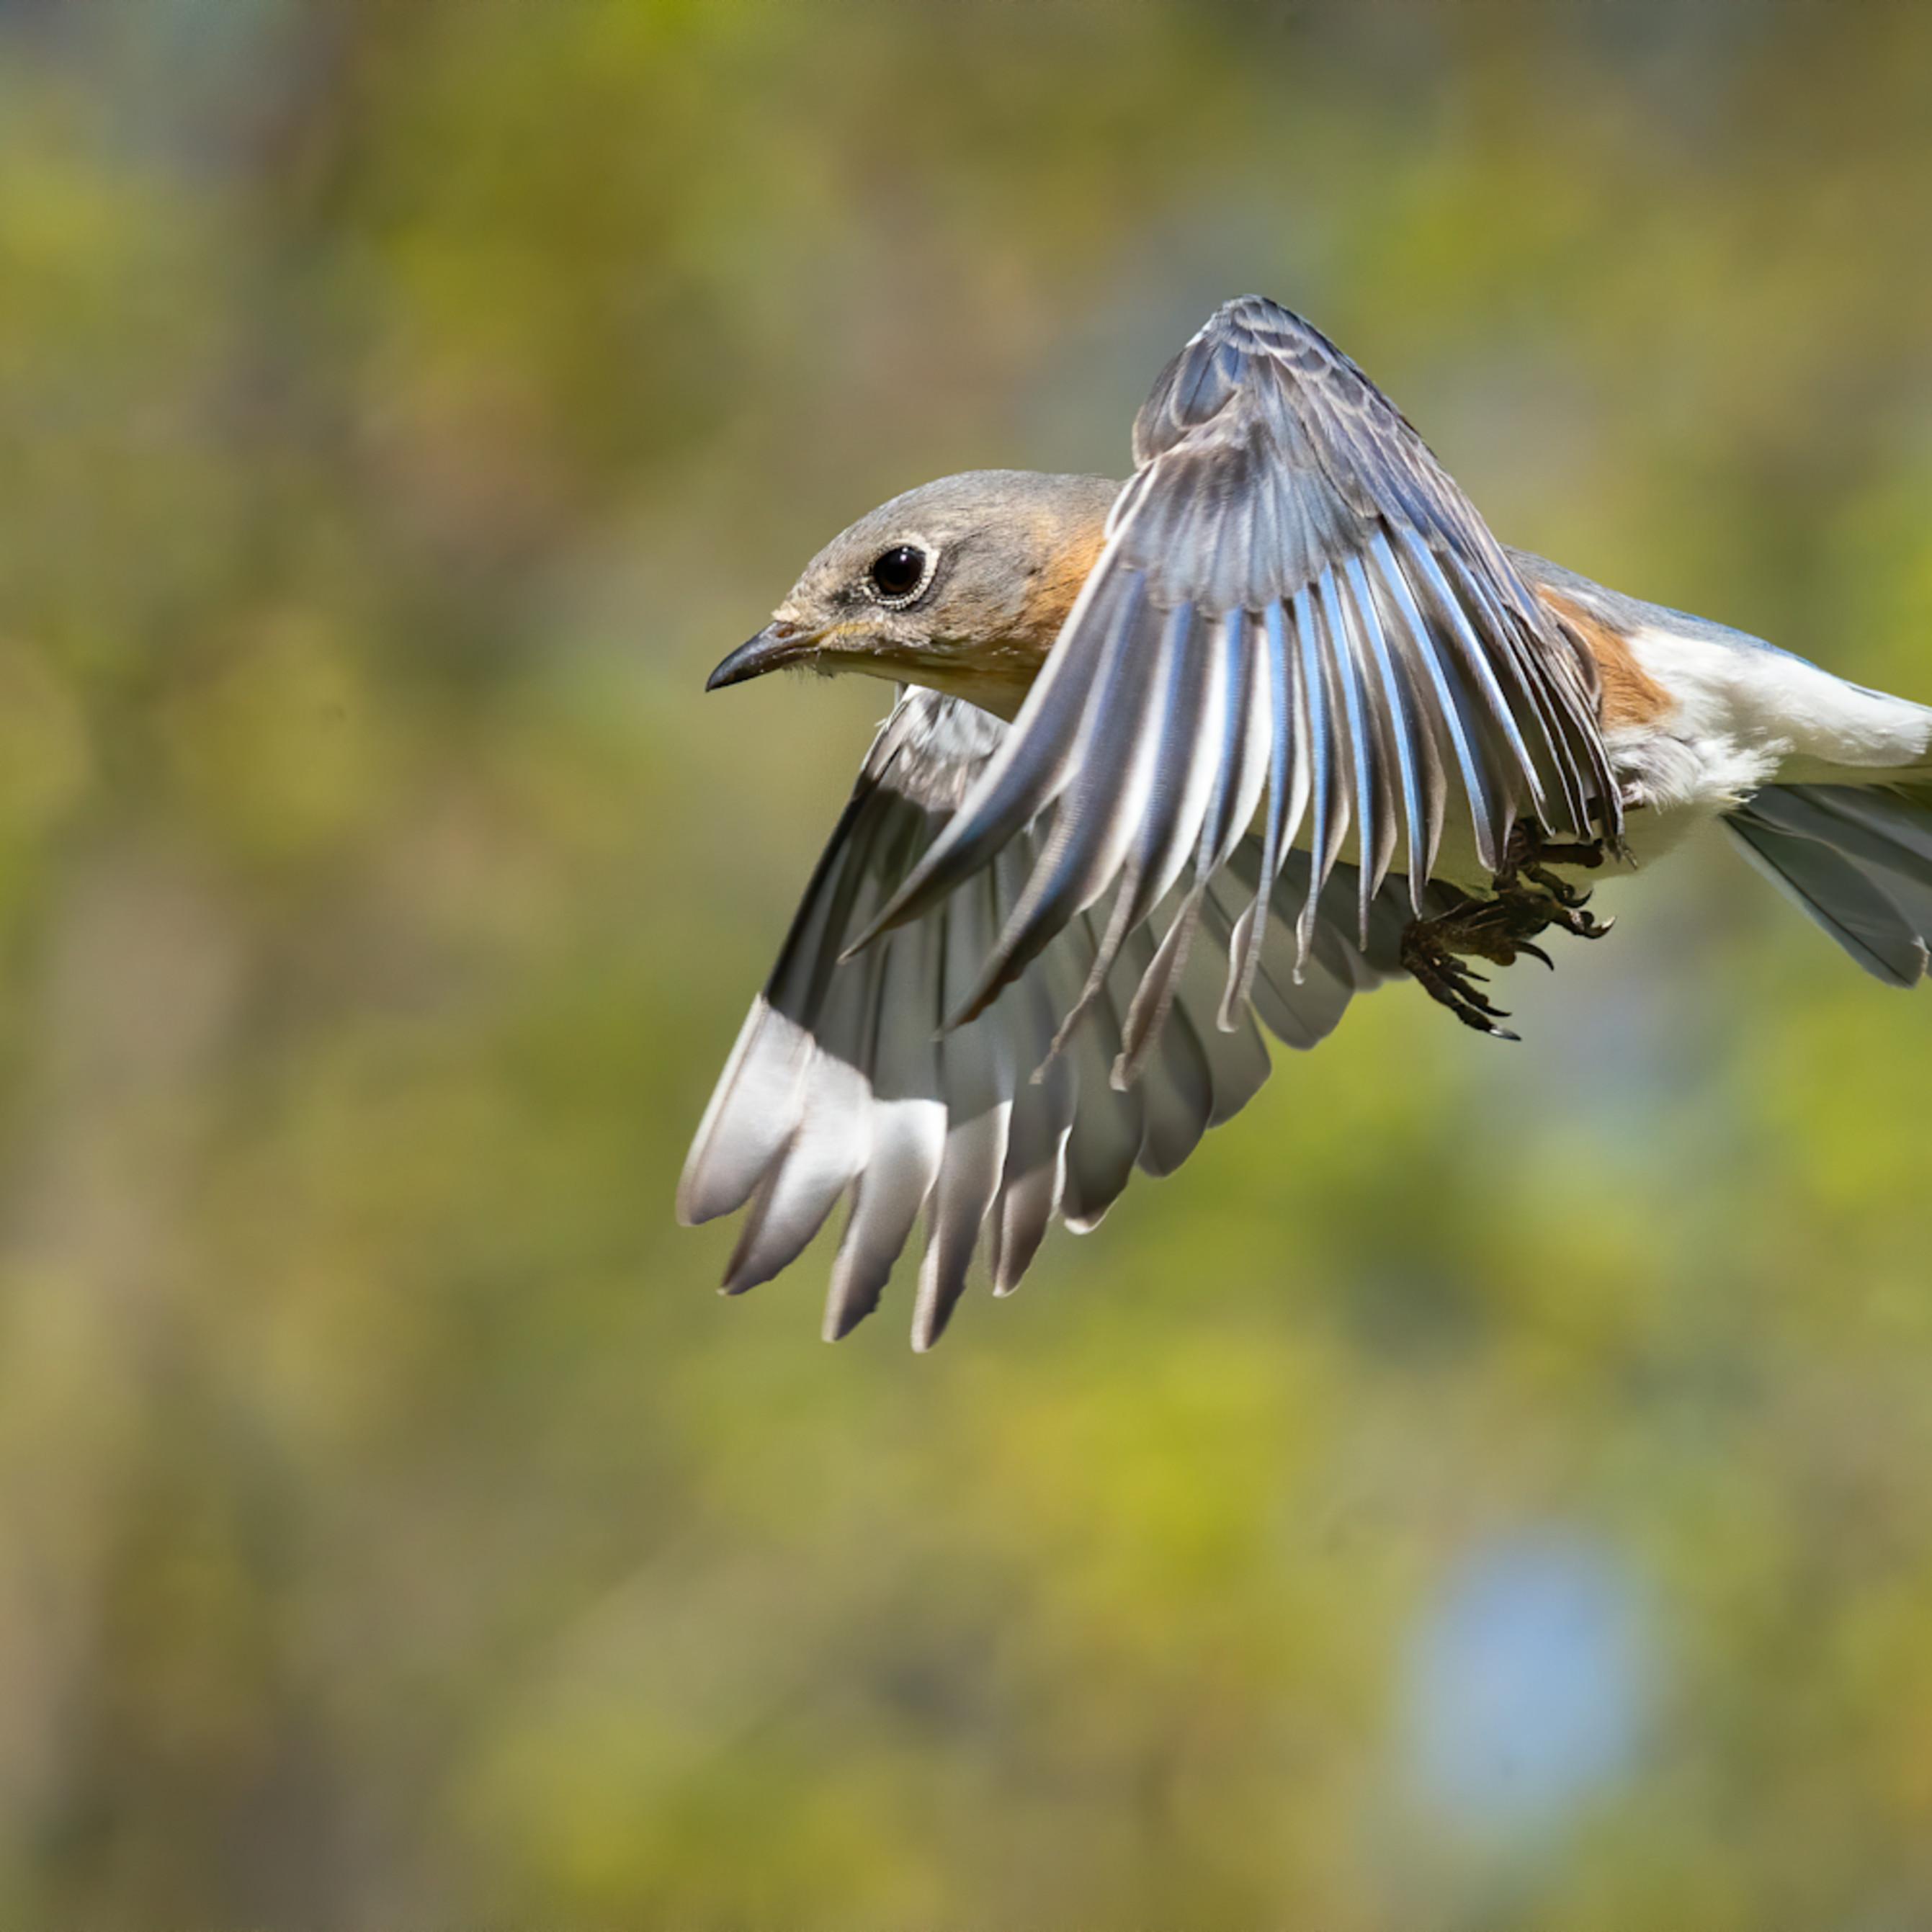 Forsyth county nc bluebird flightt rf3rhk